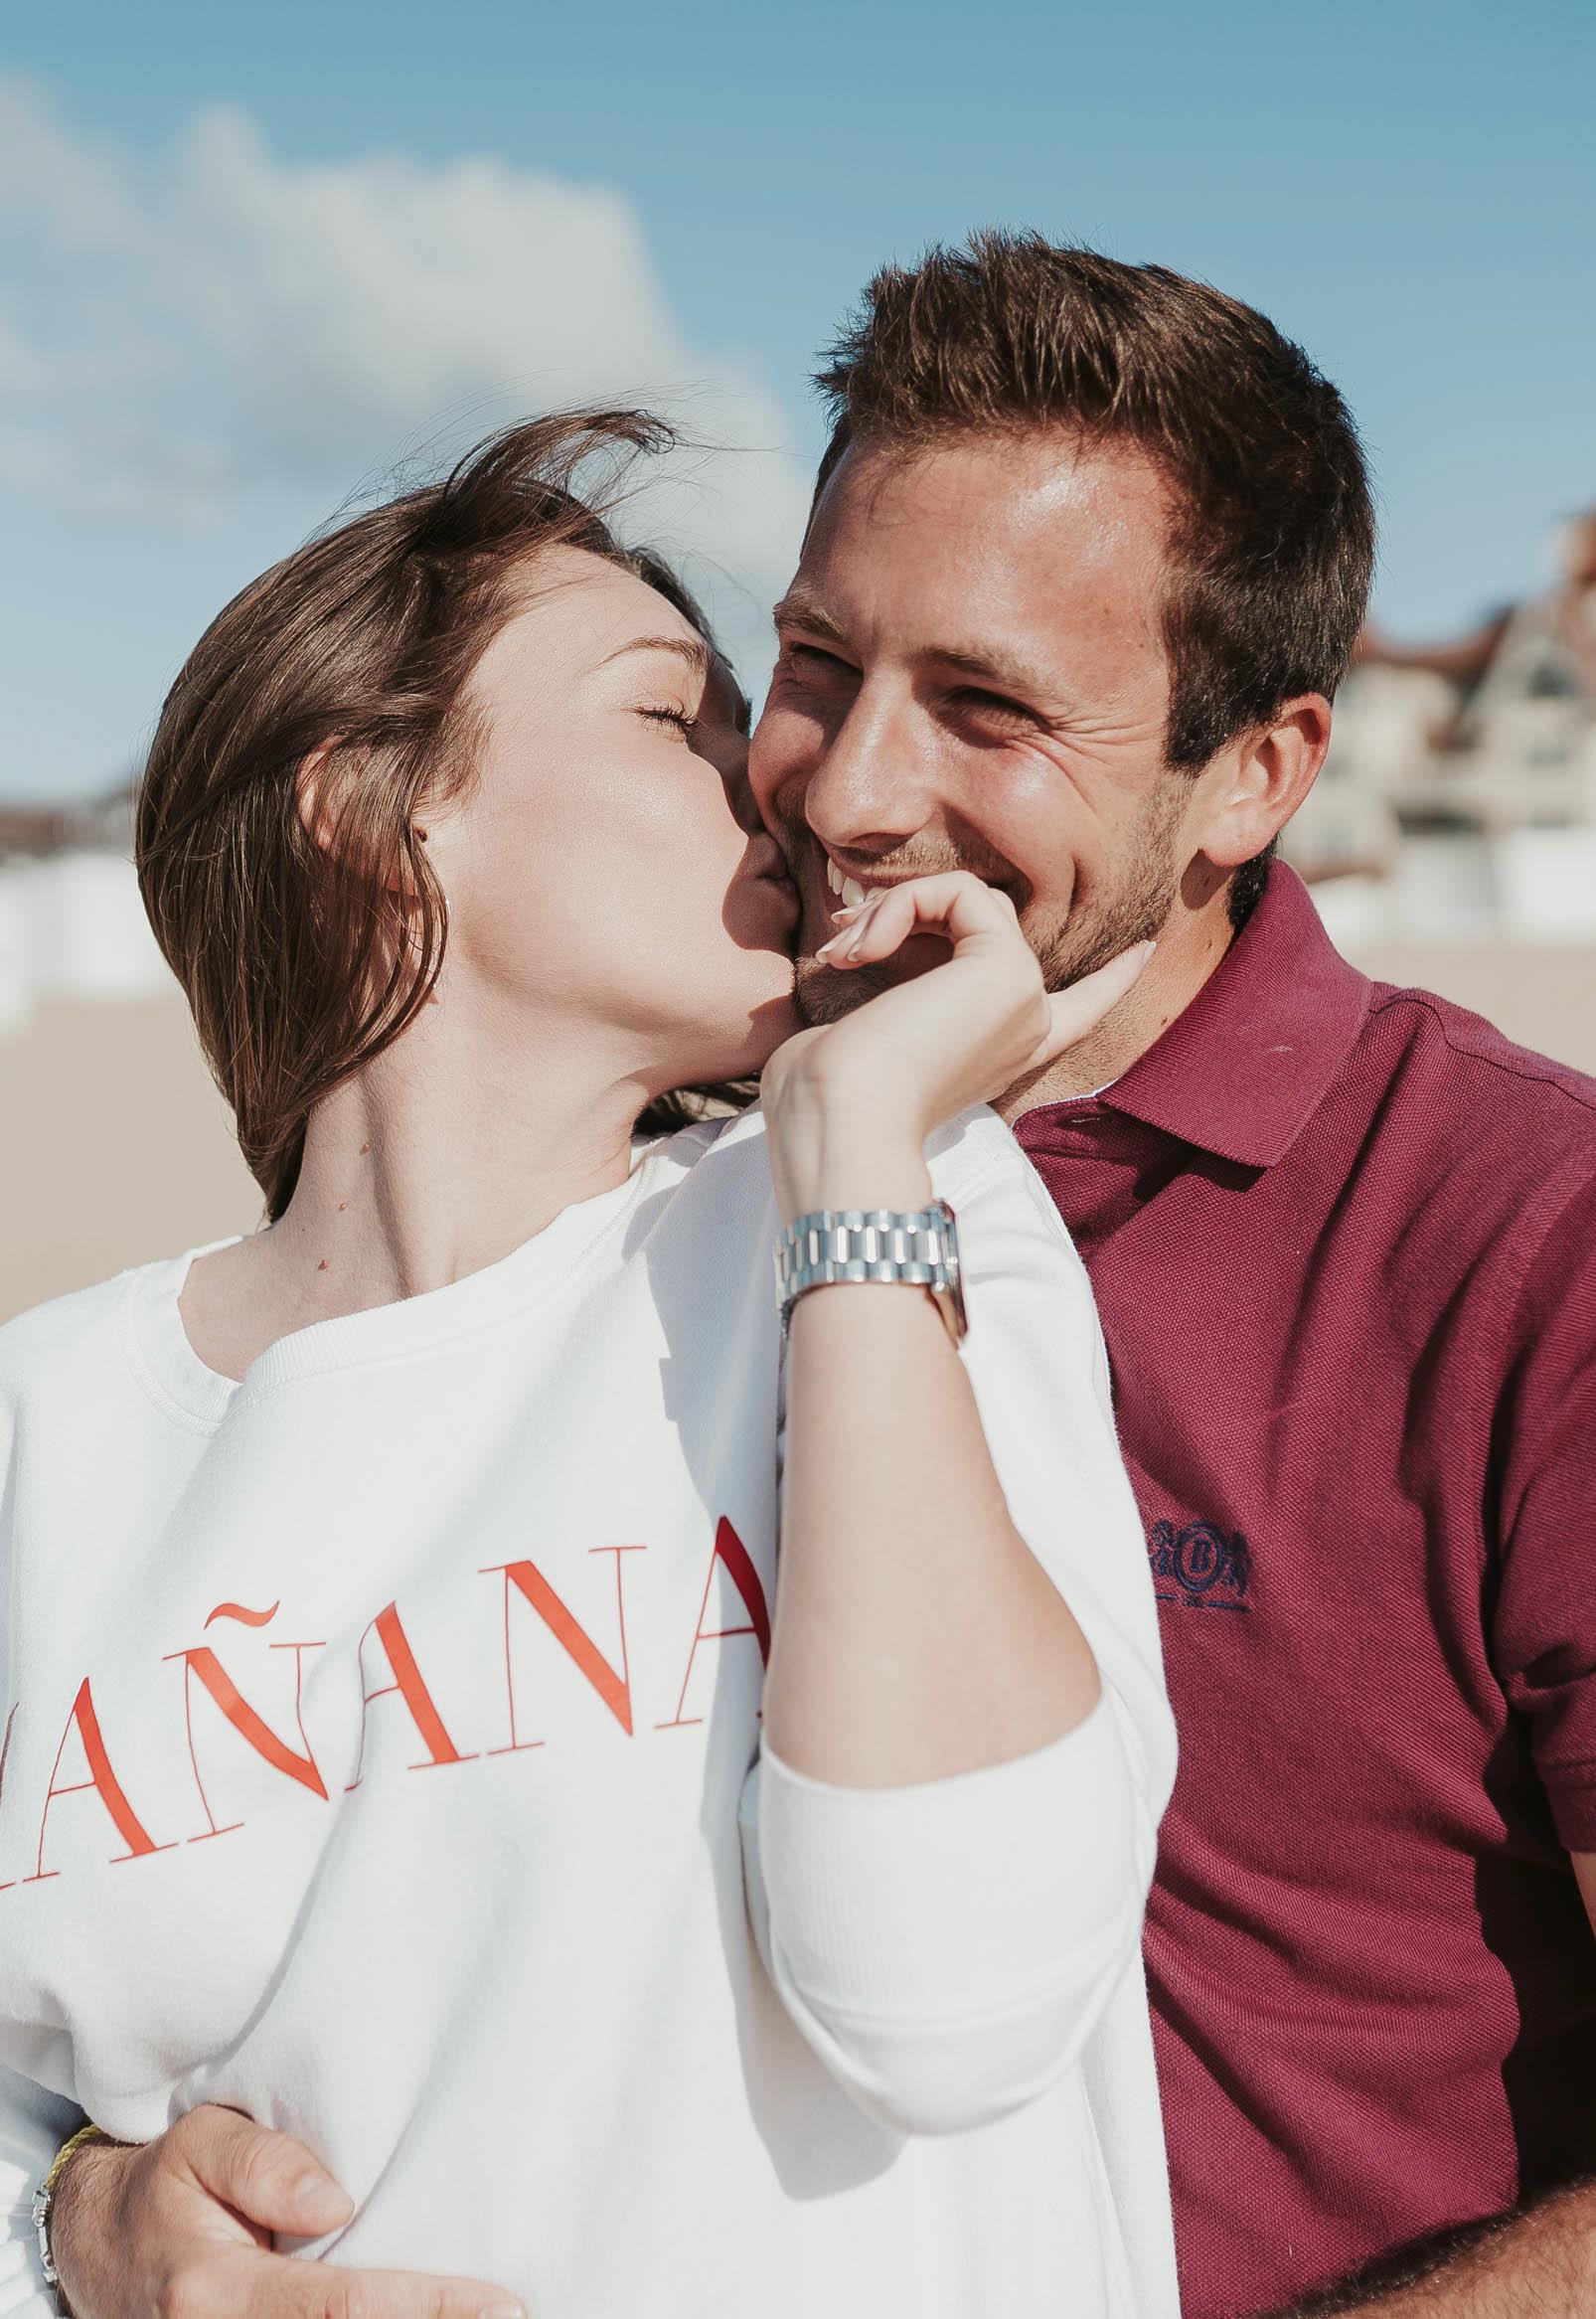 photographe_bruxelles_couple_mer_du_nord-9.jpg